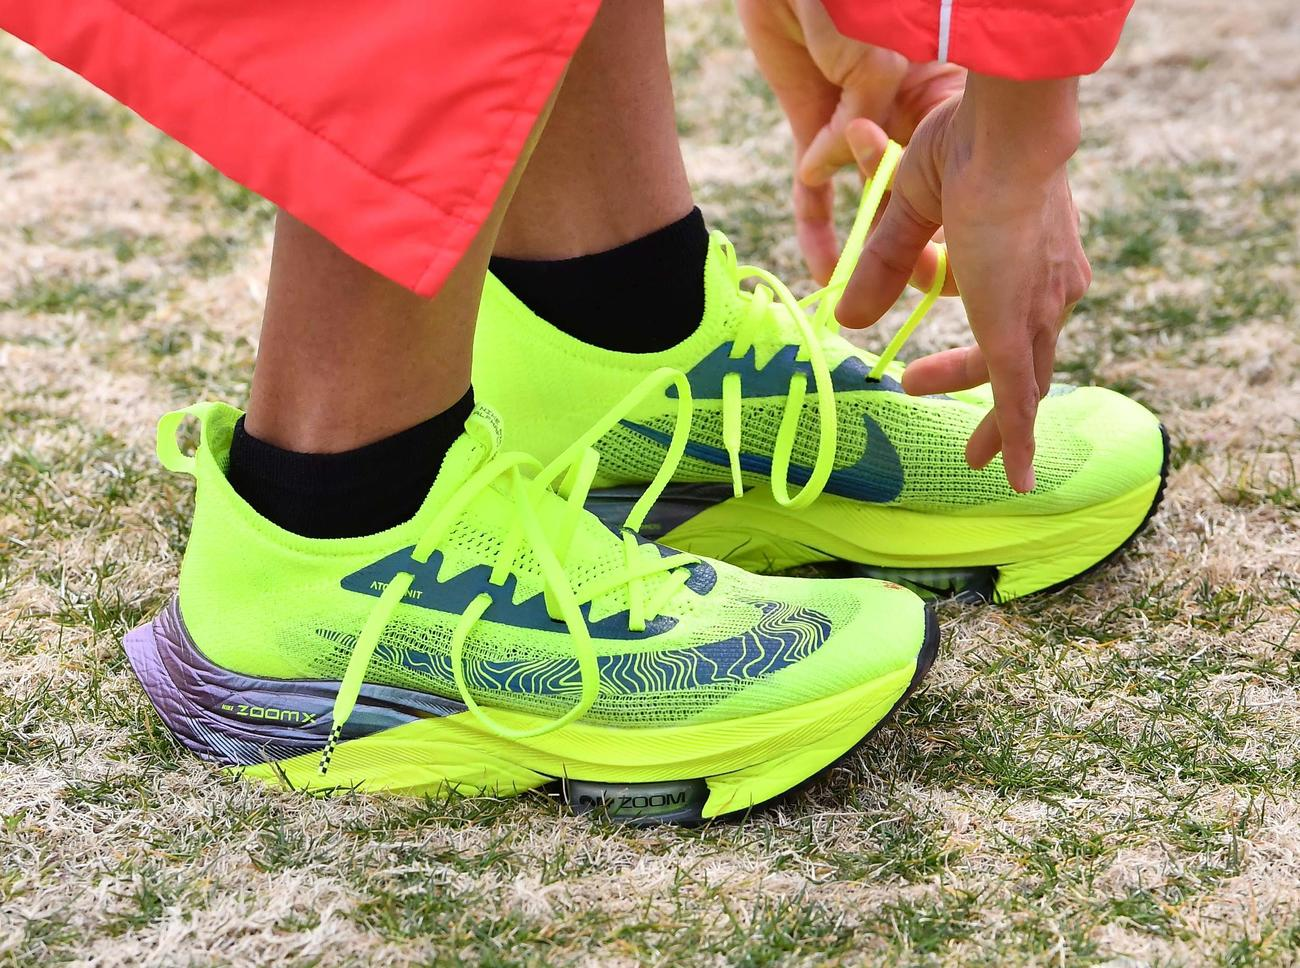 びわ湖毎日マラソン大会を日本新記録で制した鈴木のナイキのシューズ(撮影・上田博志)